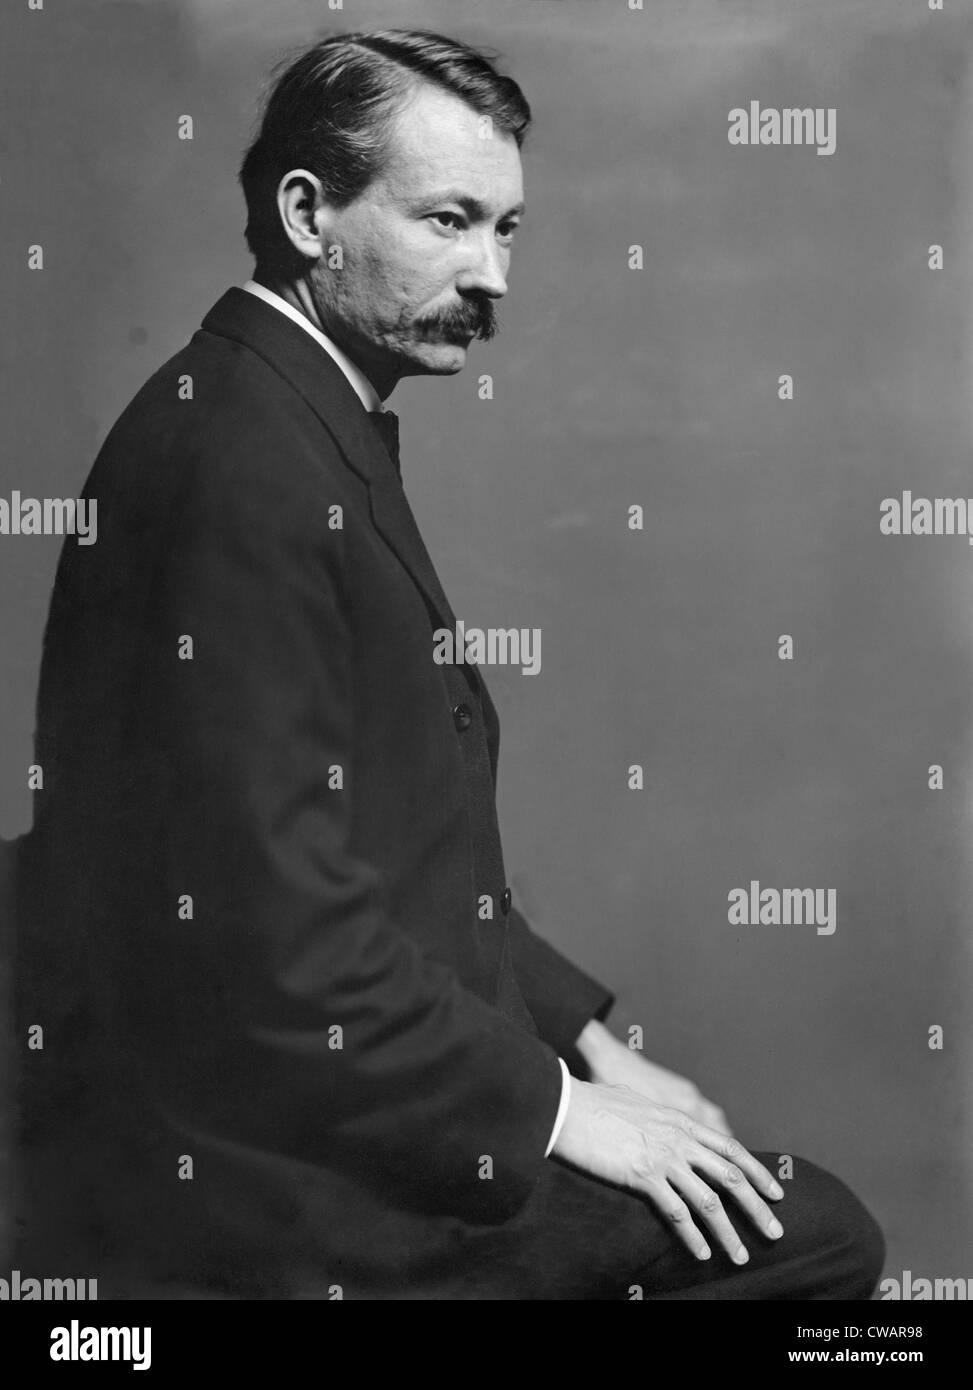 Robert Henri (1865-1929), il pittore americano, poste in Gertrude Kasebier's New York City studio nel 1900. Henri Foto Stock